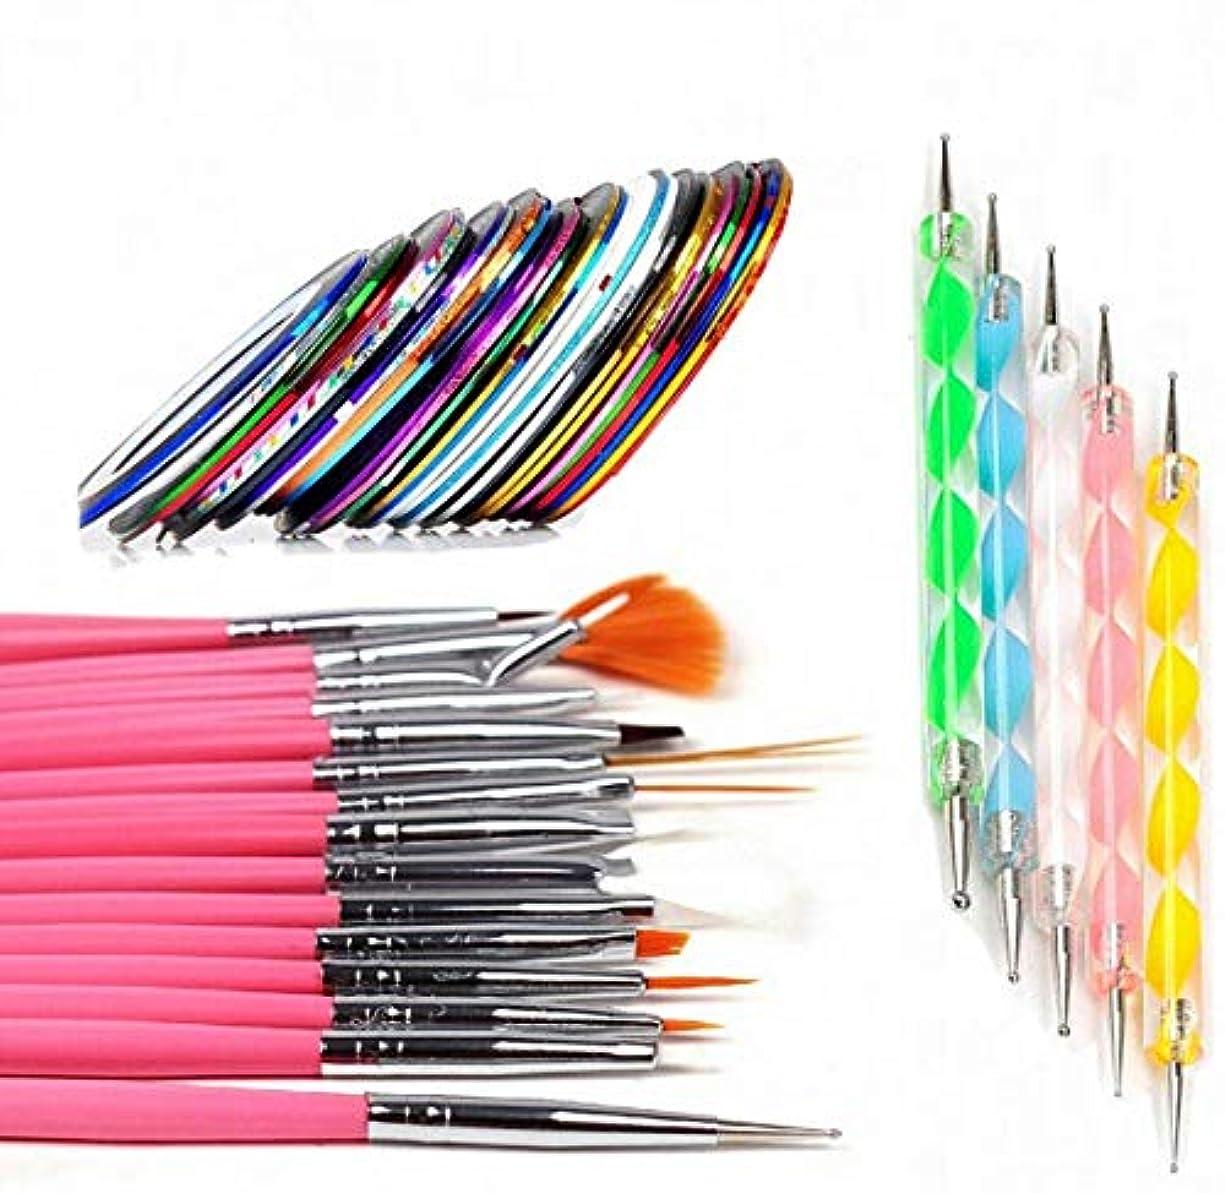 うんざり一人で四半期WellieSTR 55pcs バンドルネイルアートツールキット:15pcsアクリルネイルアートデザインペインティングディテールブラシ+ 35pcs混合色ストリッピングテープ+ 5pcsドットペン(10サイズ)